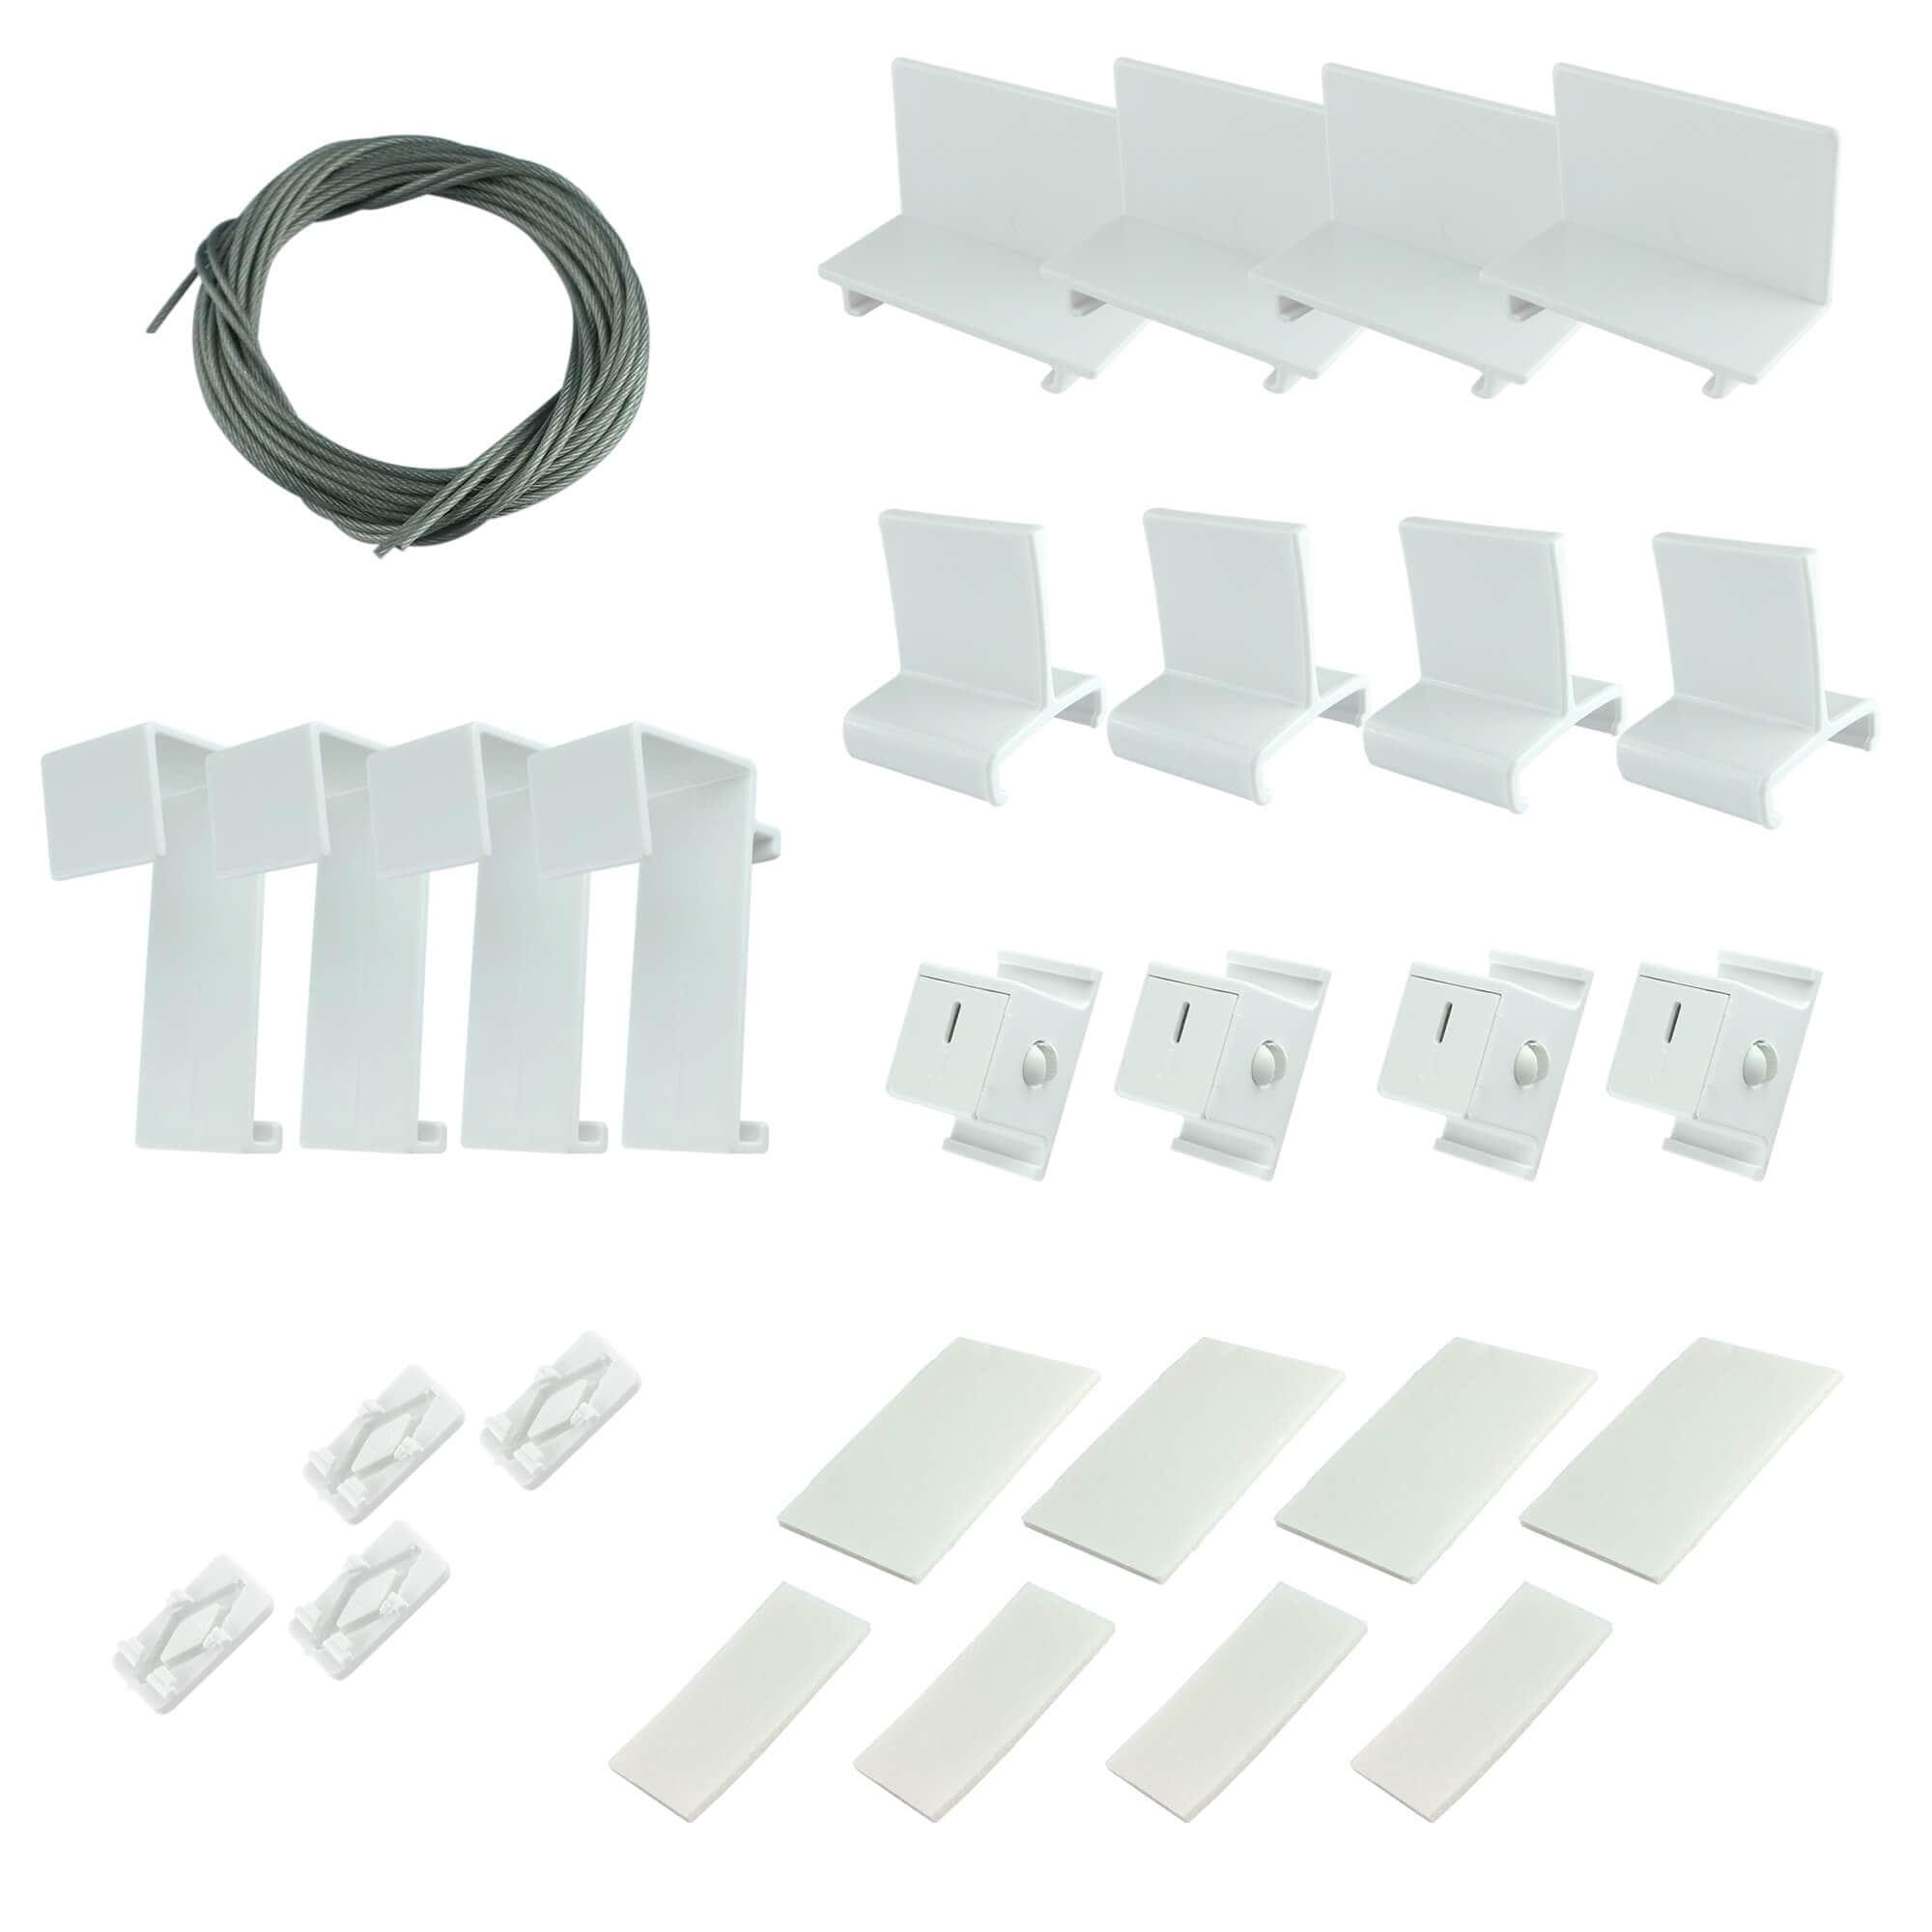 ersatzteilset plissee ersatzteile komplettset klemmfix easyfix halter victoria m ebay. Black Bedroom Furniture Sets. Home Design Ideas